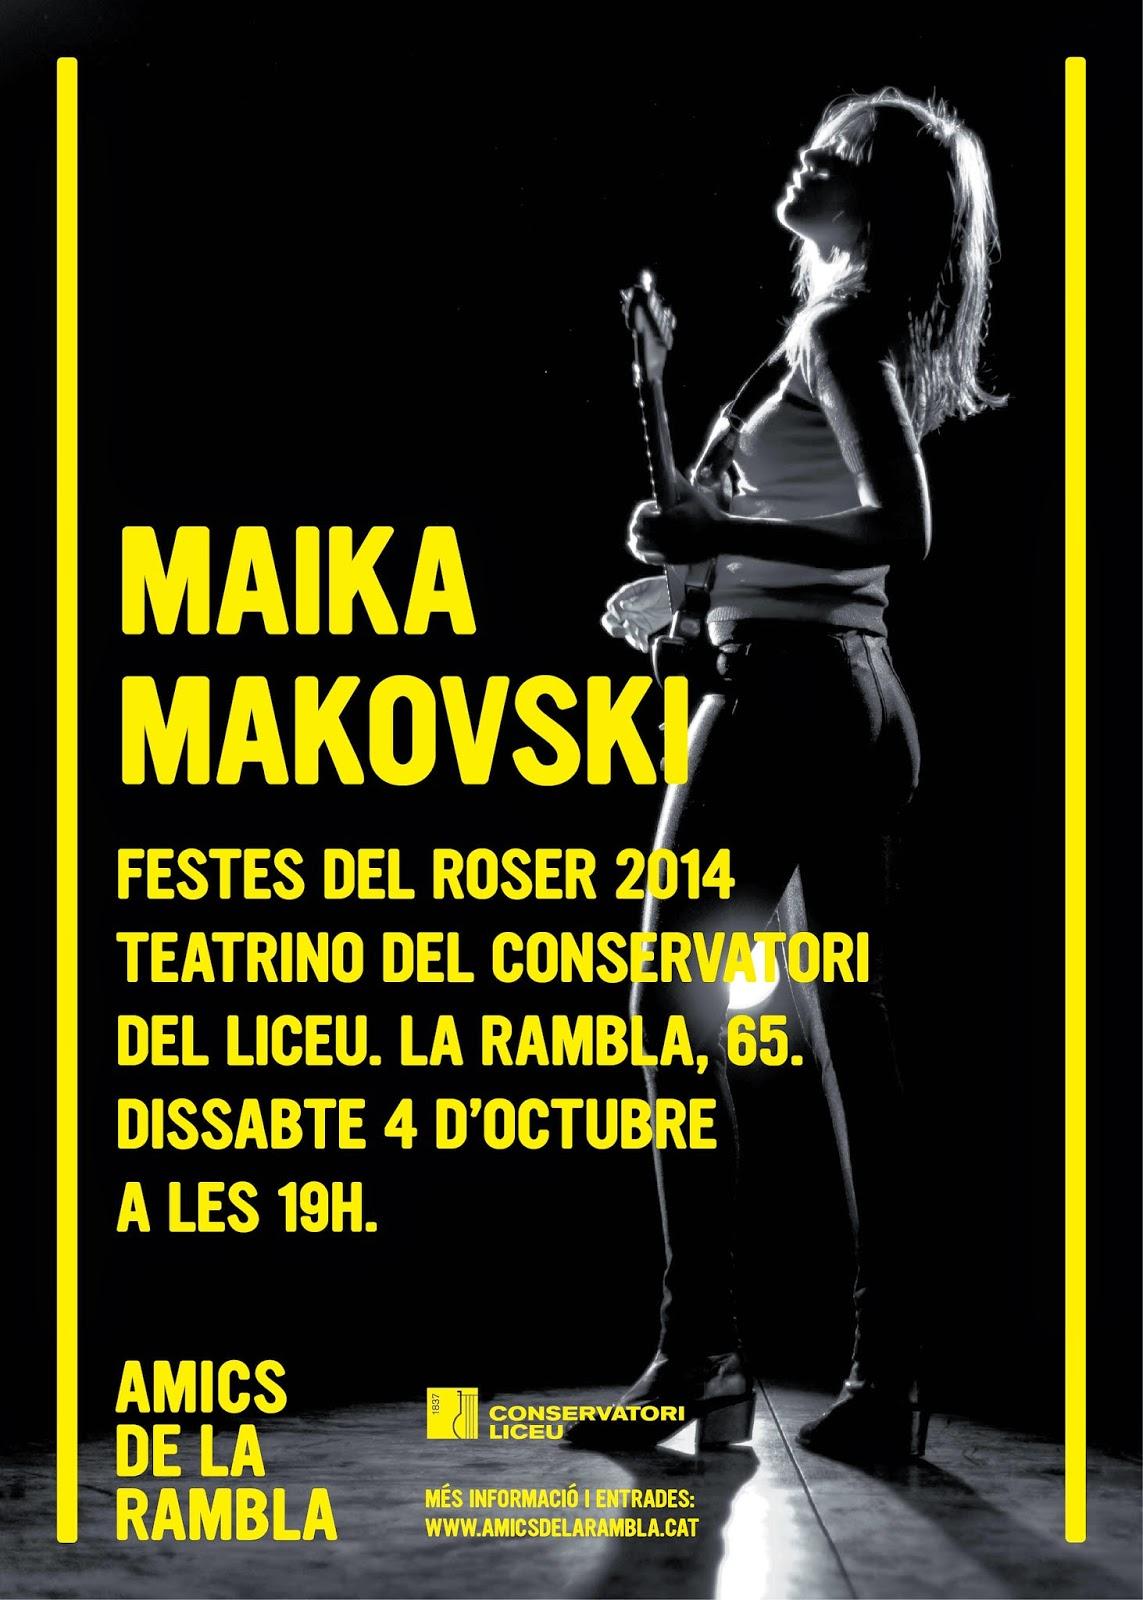 Los posters de los conciertos  - Página 2 MaikaPoster_2